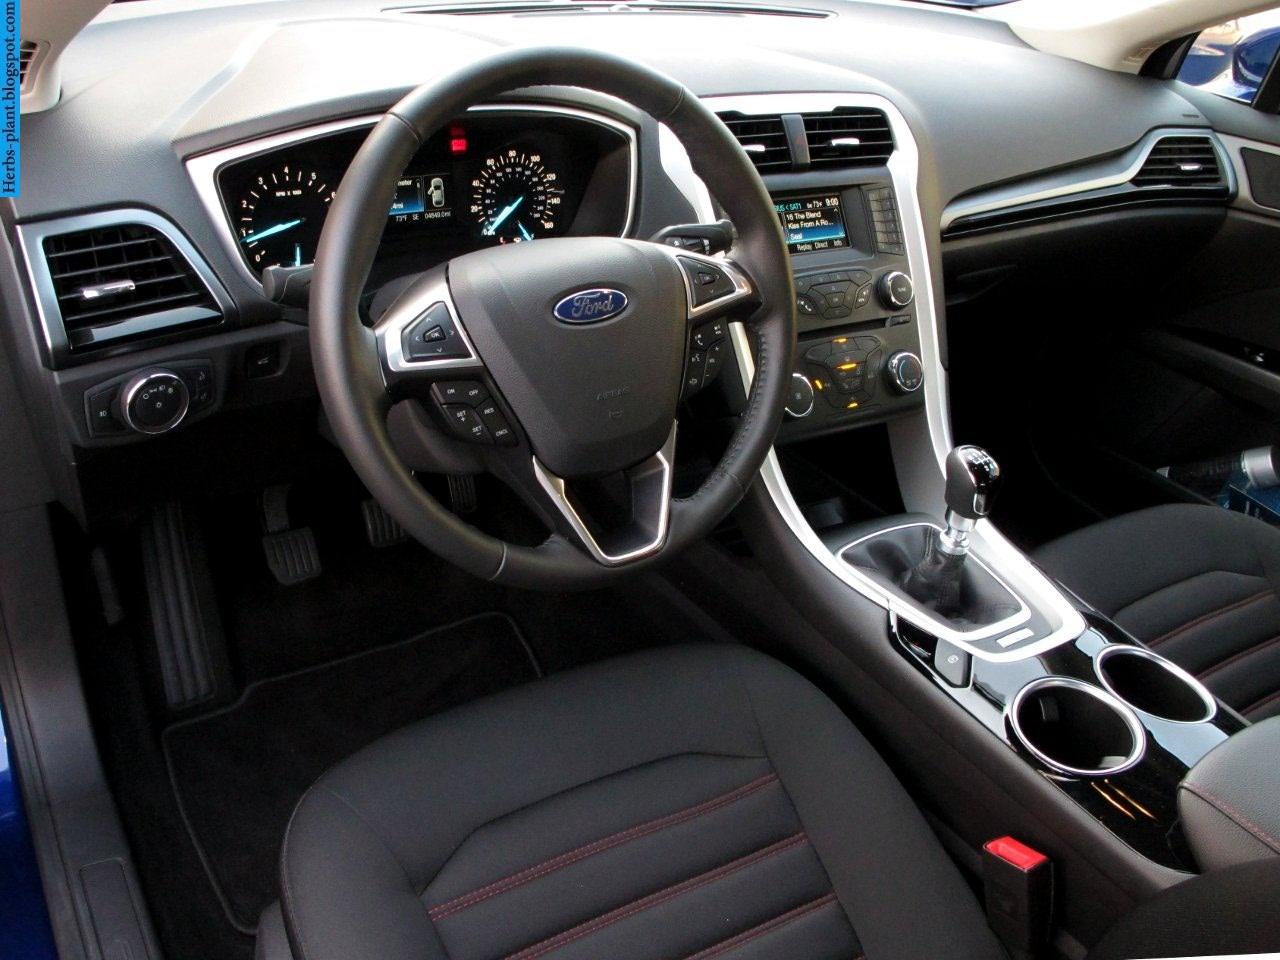 Ford fusion car 2013 dashboard - صور تابلوه سيارة فورد فيوجن 2013